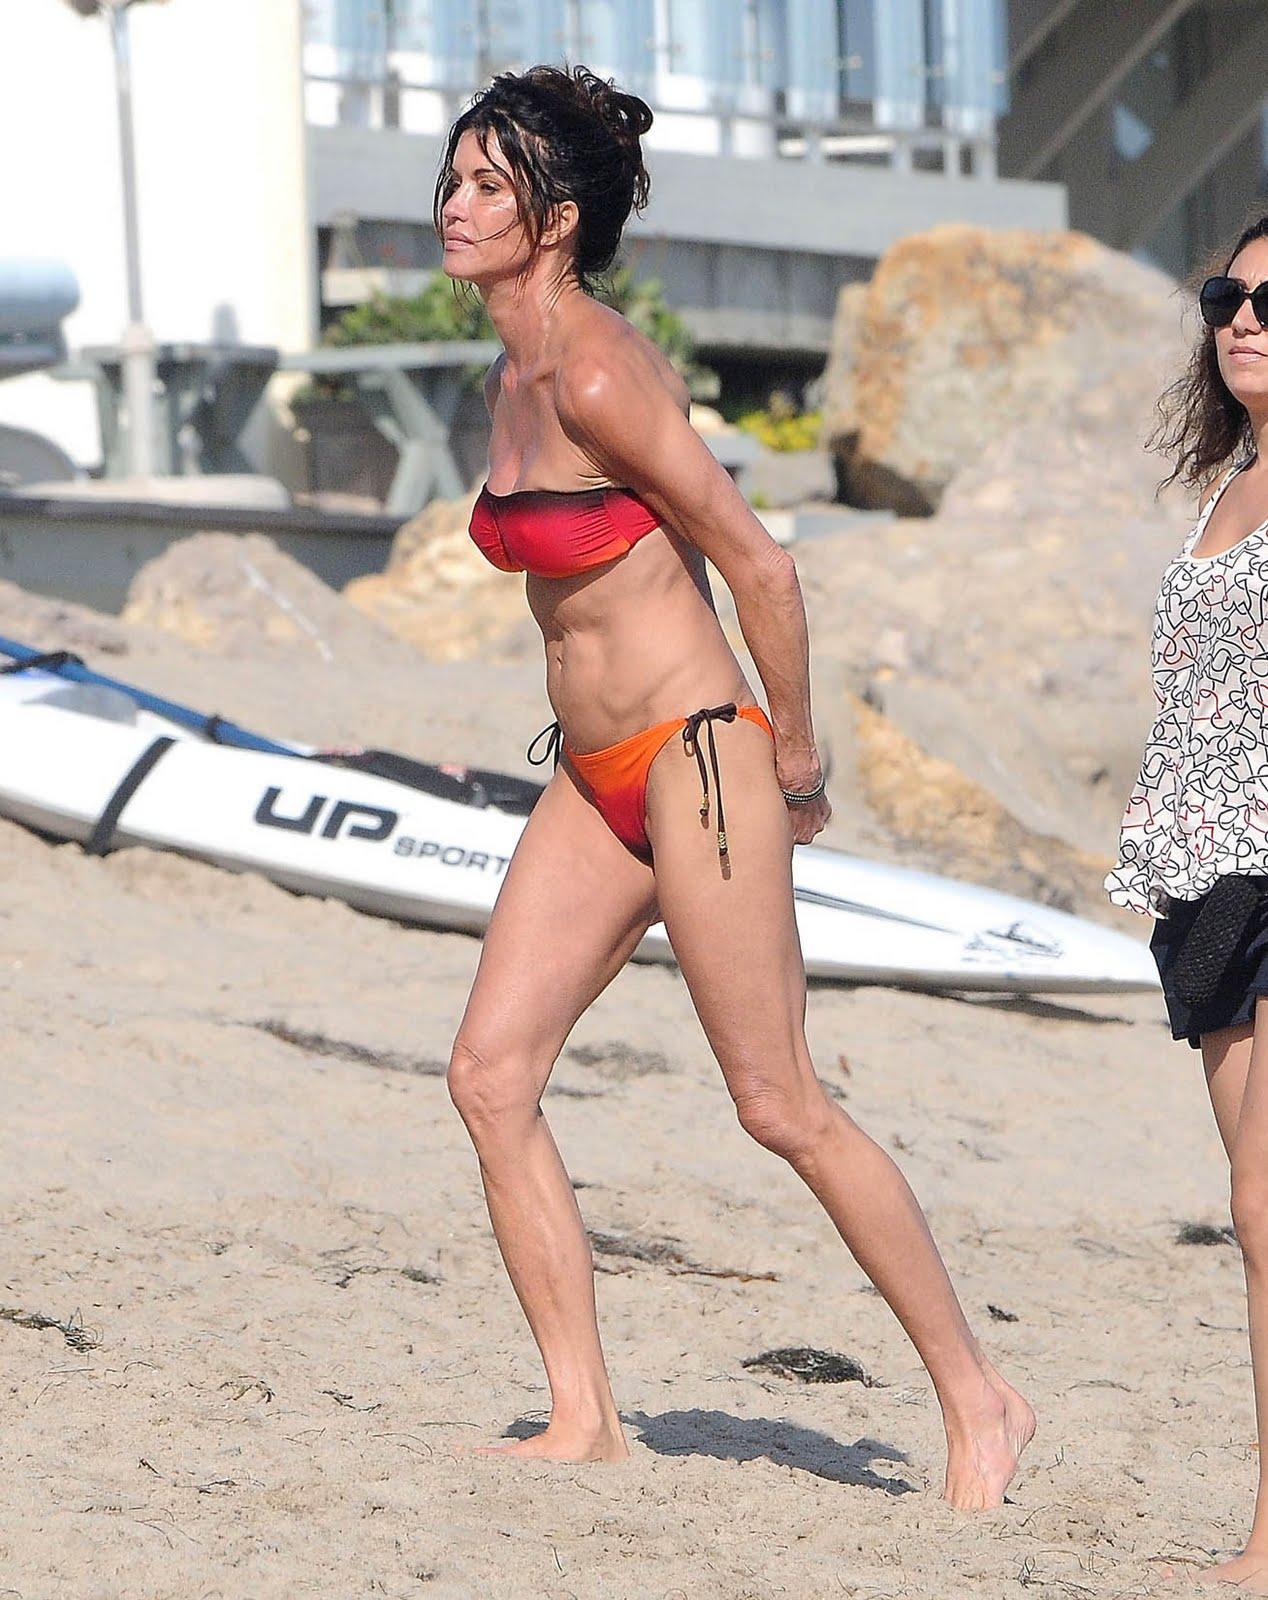 http://2.bp.blogspot.com/-Wlihn1pqdBU/ThNXwnNan3I/AAAAAAAAB_s/tFuQ2D1UzH8/s1600/janice_dickinson_swim_bikini_5.jpg